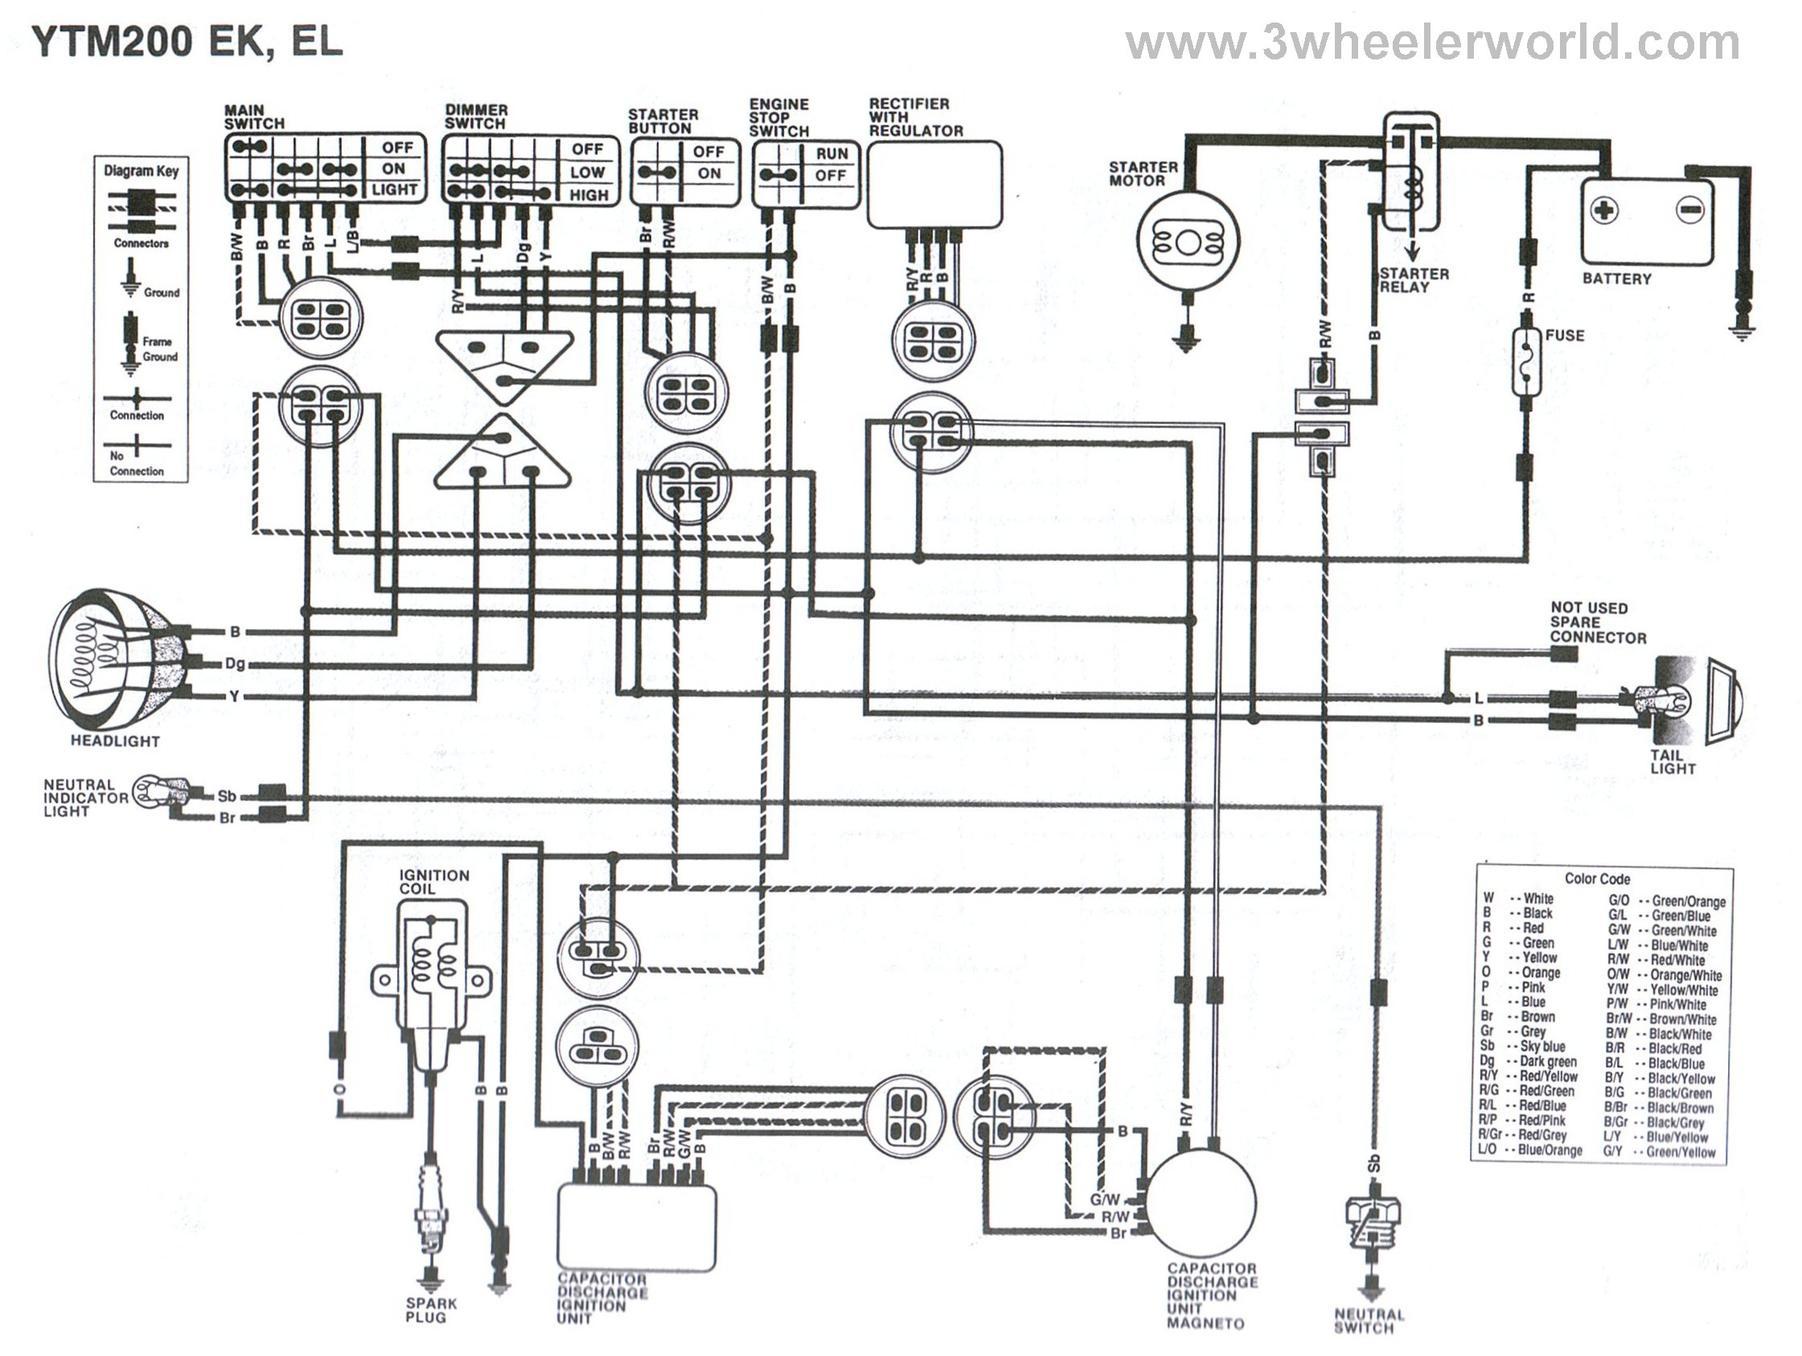 winnebago wiring diagram winnebago wiring diagrams online winnebago wiring diagram